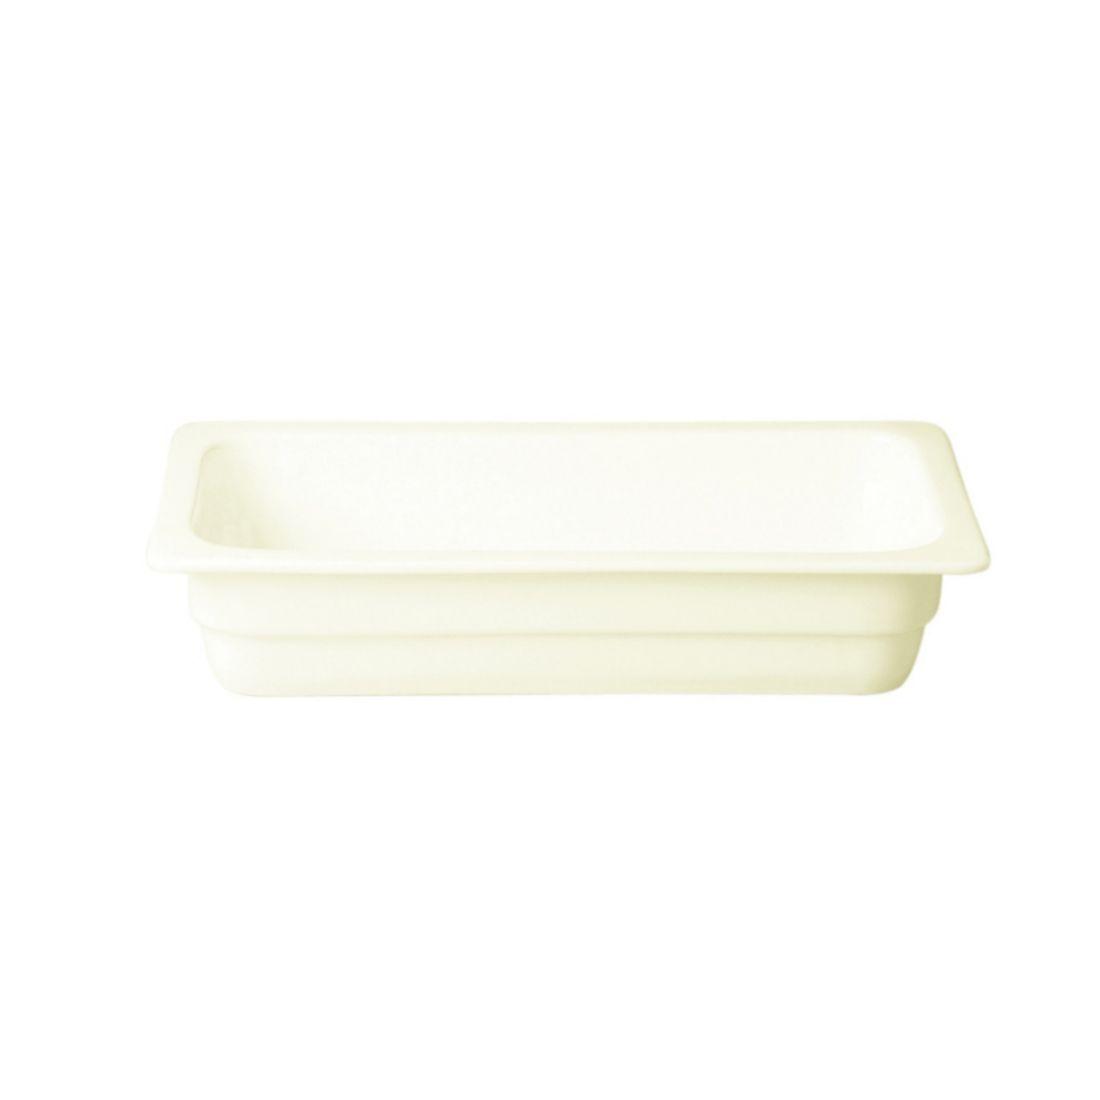 Gastronádoba GN 2/4 065 mm